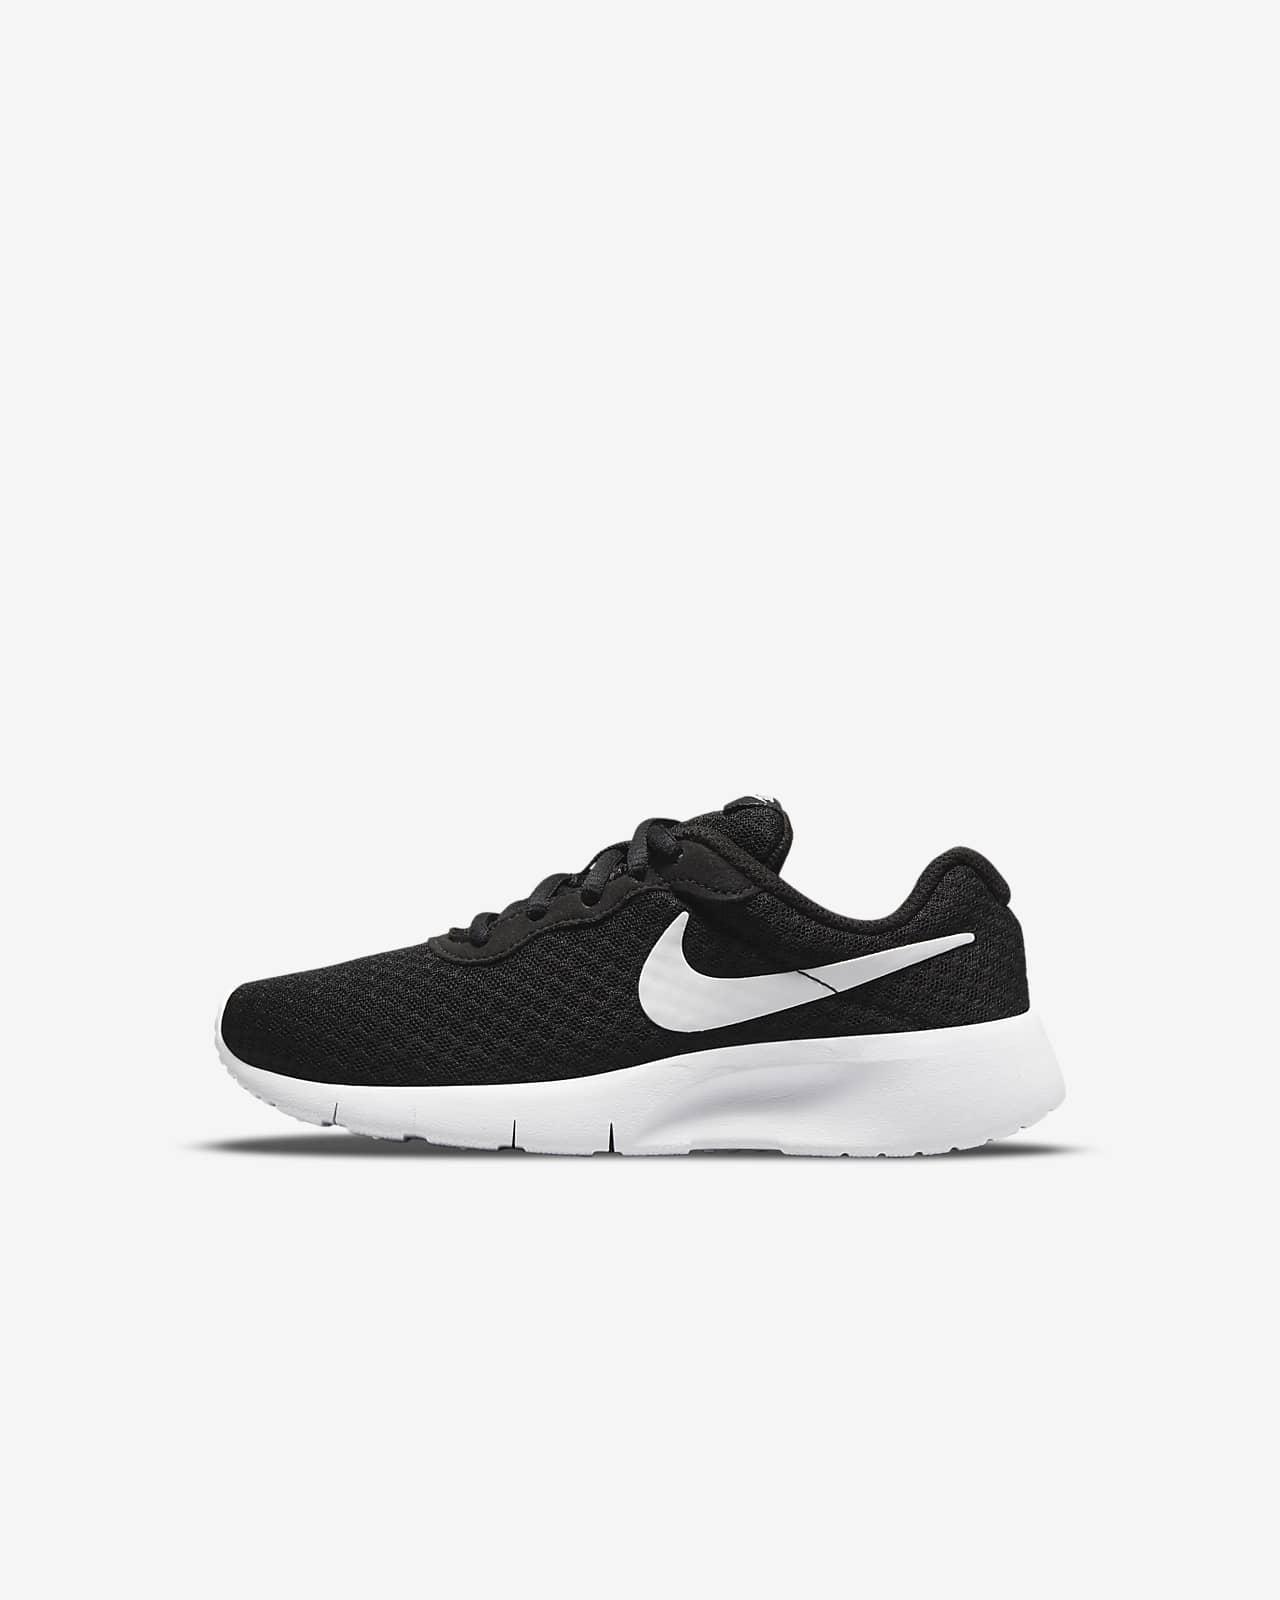 Παπούτσι Nike Tanjun για μικρά παιδιά